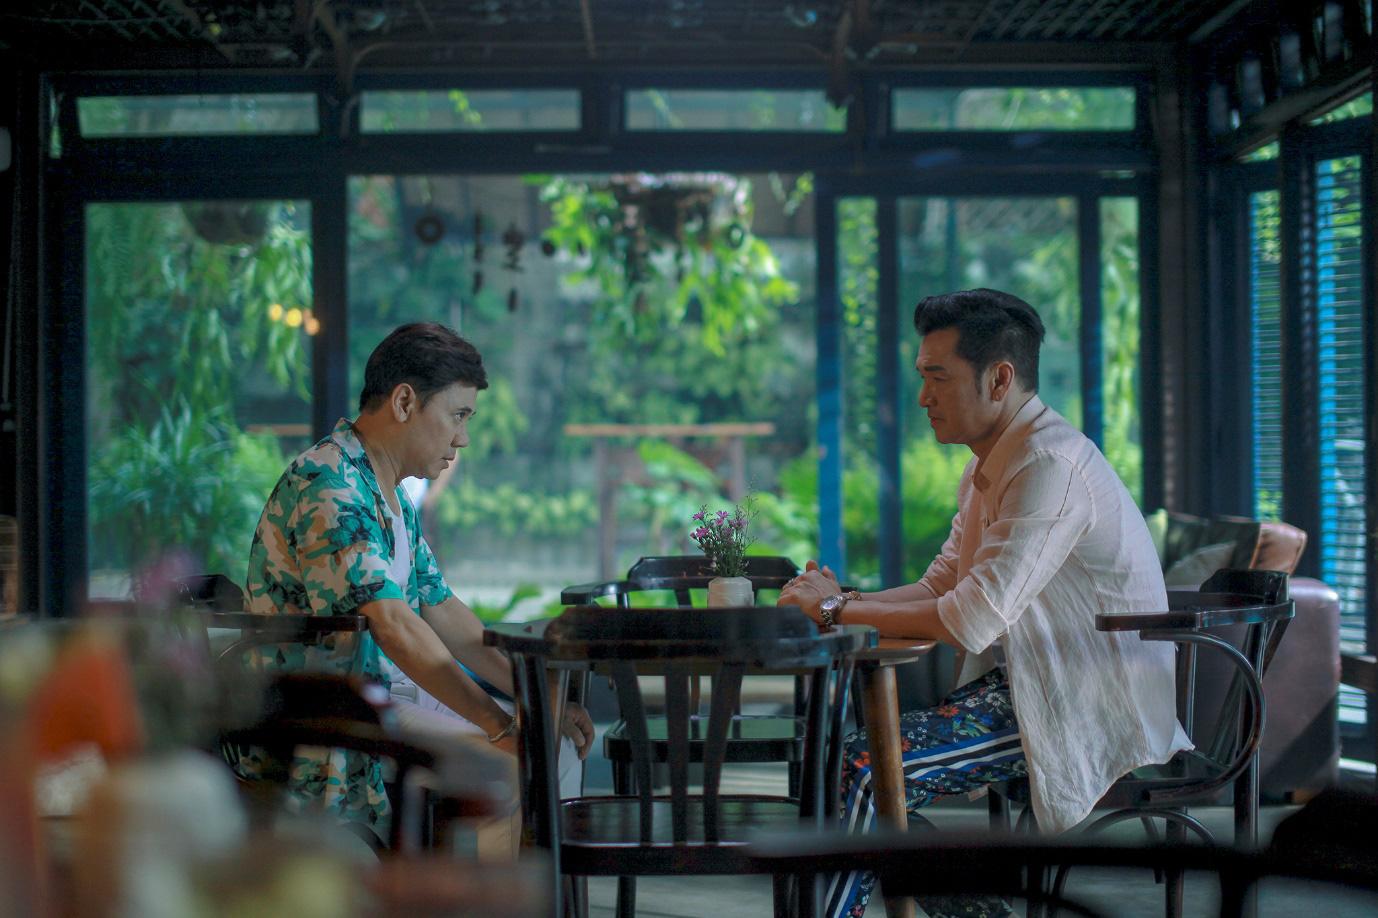 """Bộ phim Việt hài hước """"Ngôi nhà bươm bướm"""" được phát hành online - Ảnh 3."""